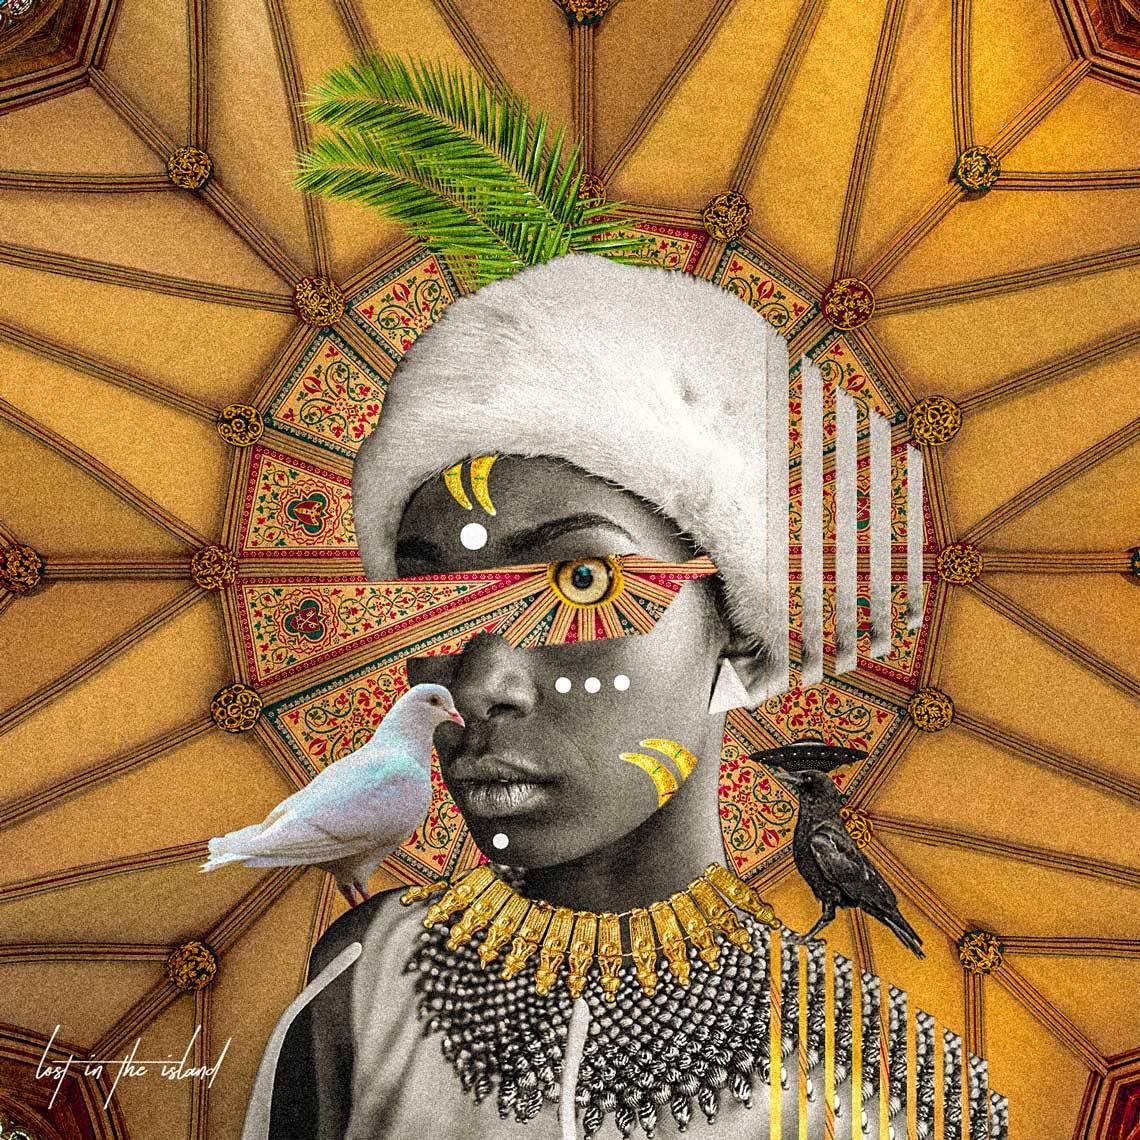 afrofuturism-collages-of-kaylan-m-9.jpg